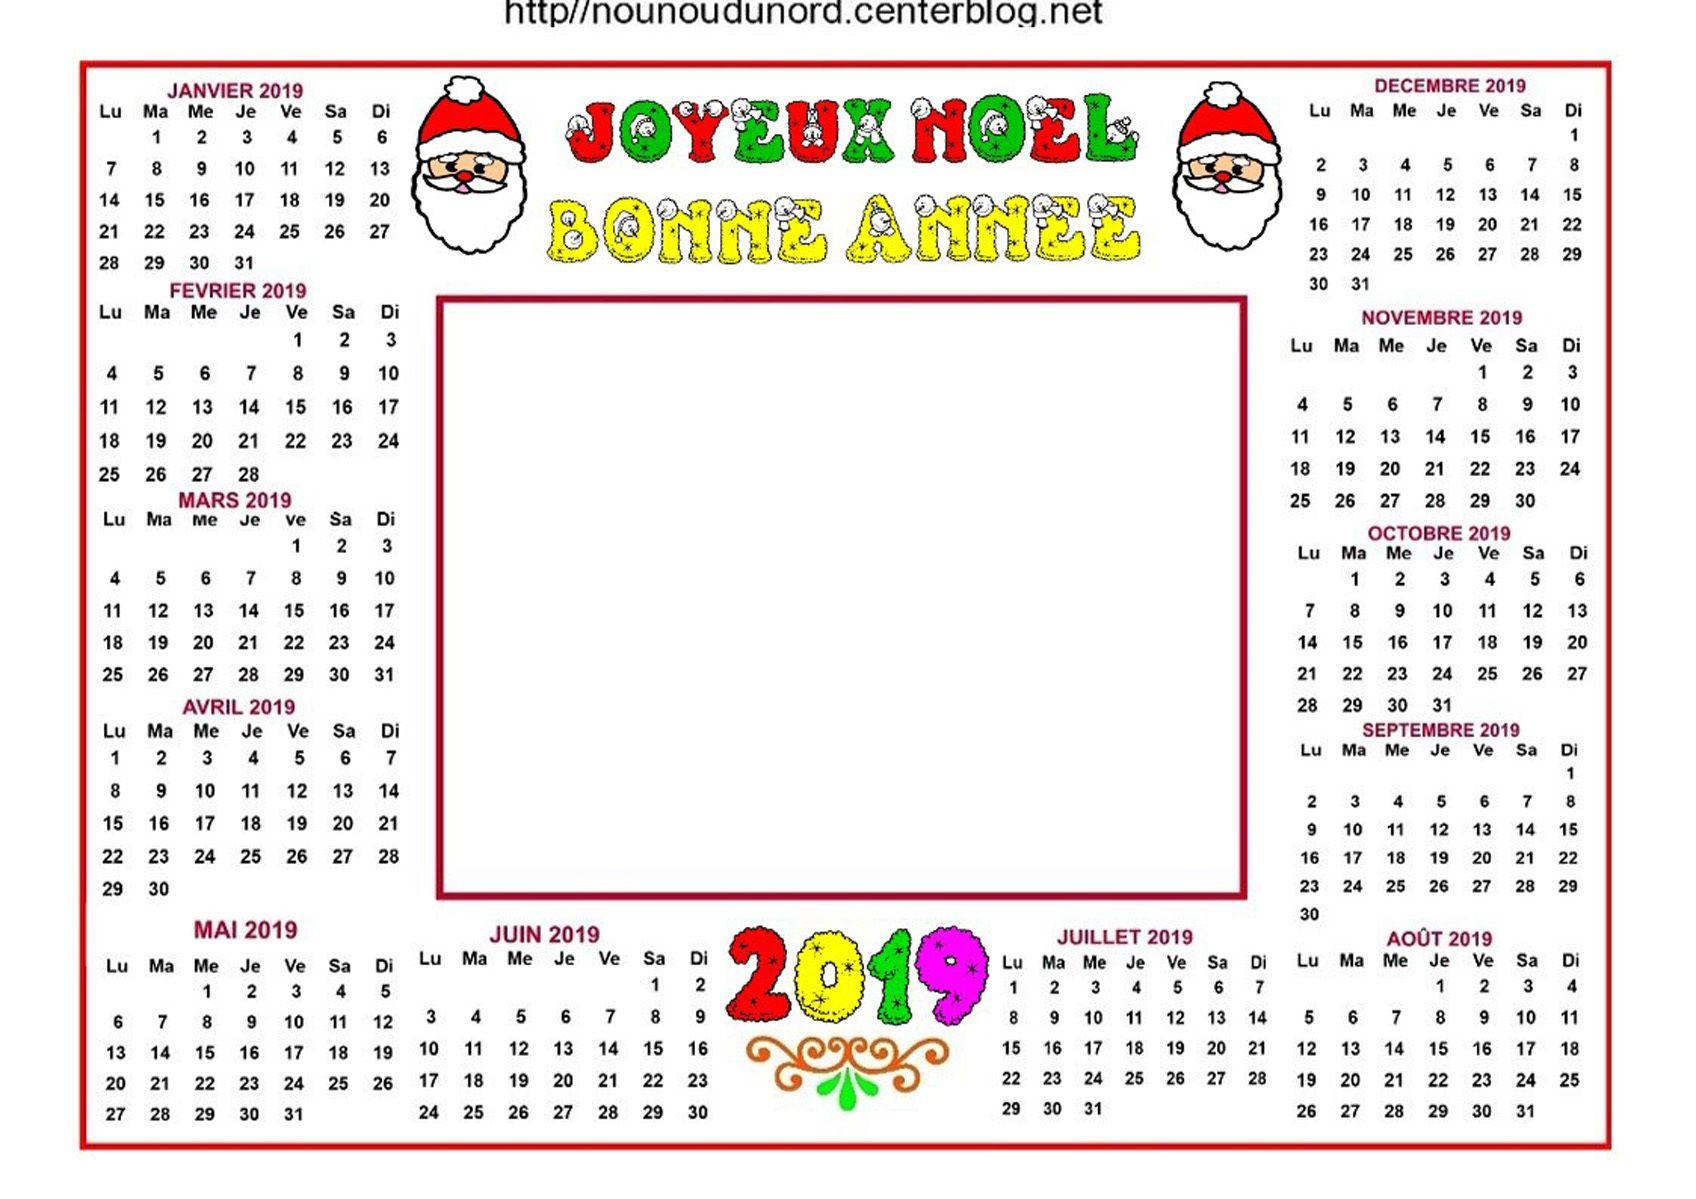 Image De Noel 2019.Calendrier Noel 2019 Pour Ajouter Des Photos